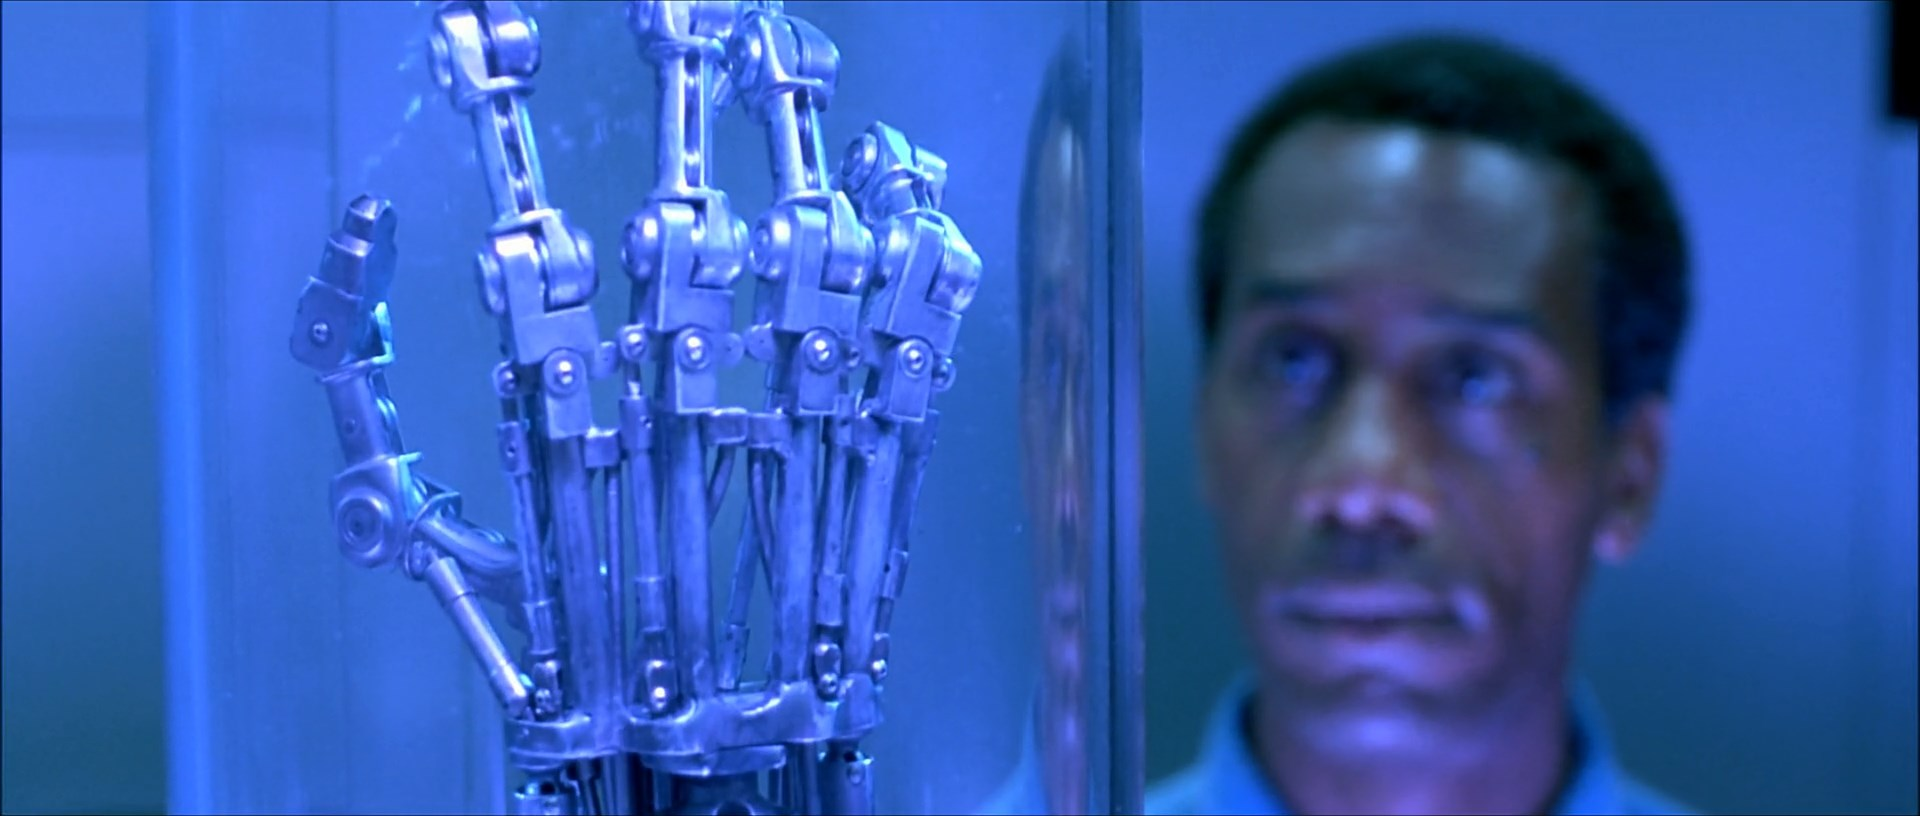 Terminator 2 Endoskeleton Arm